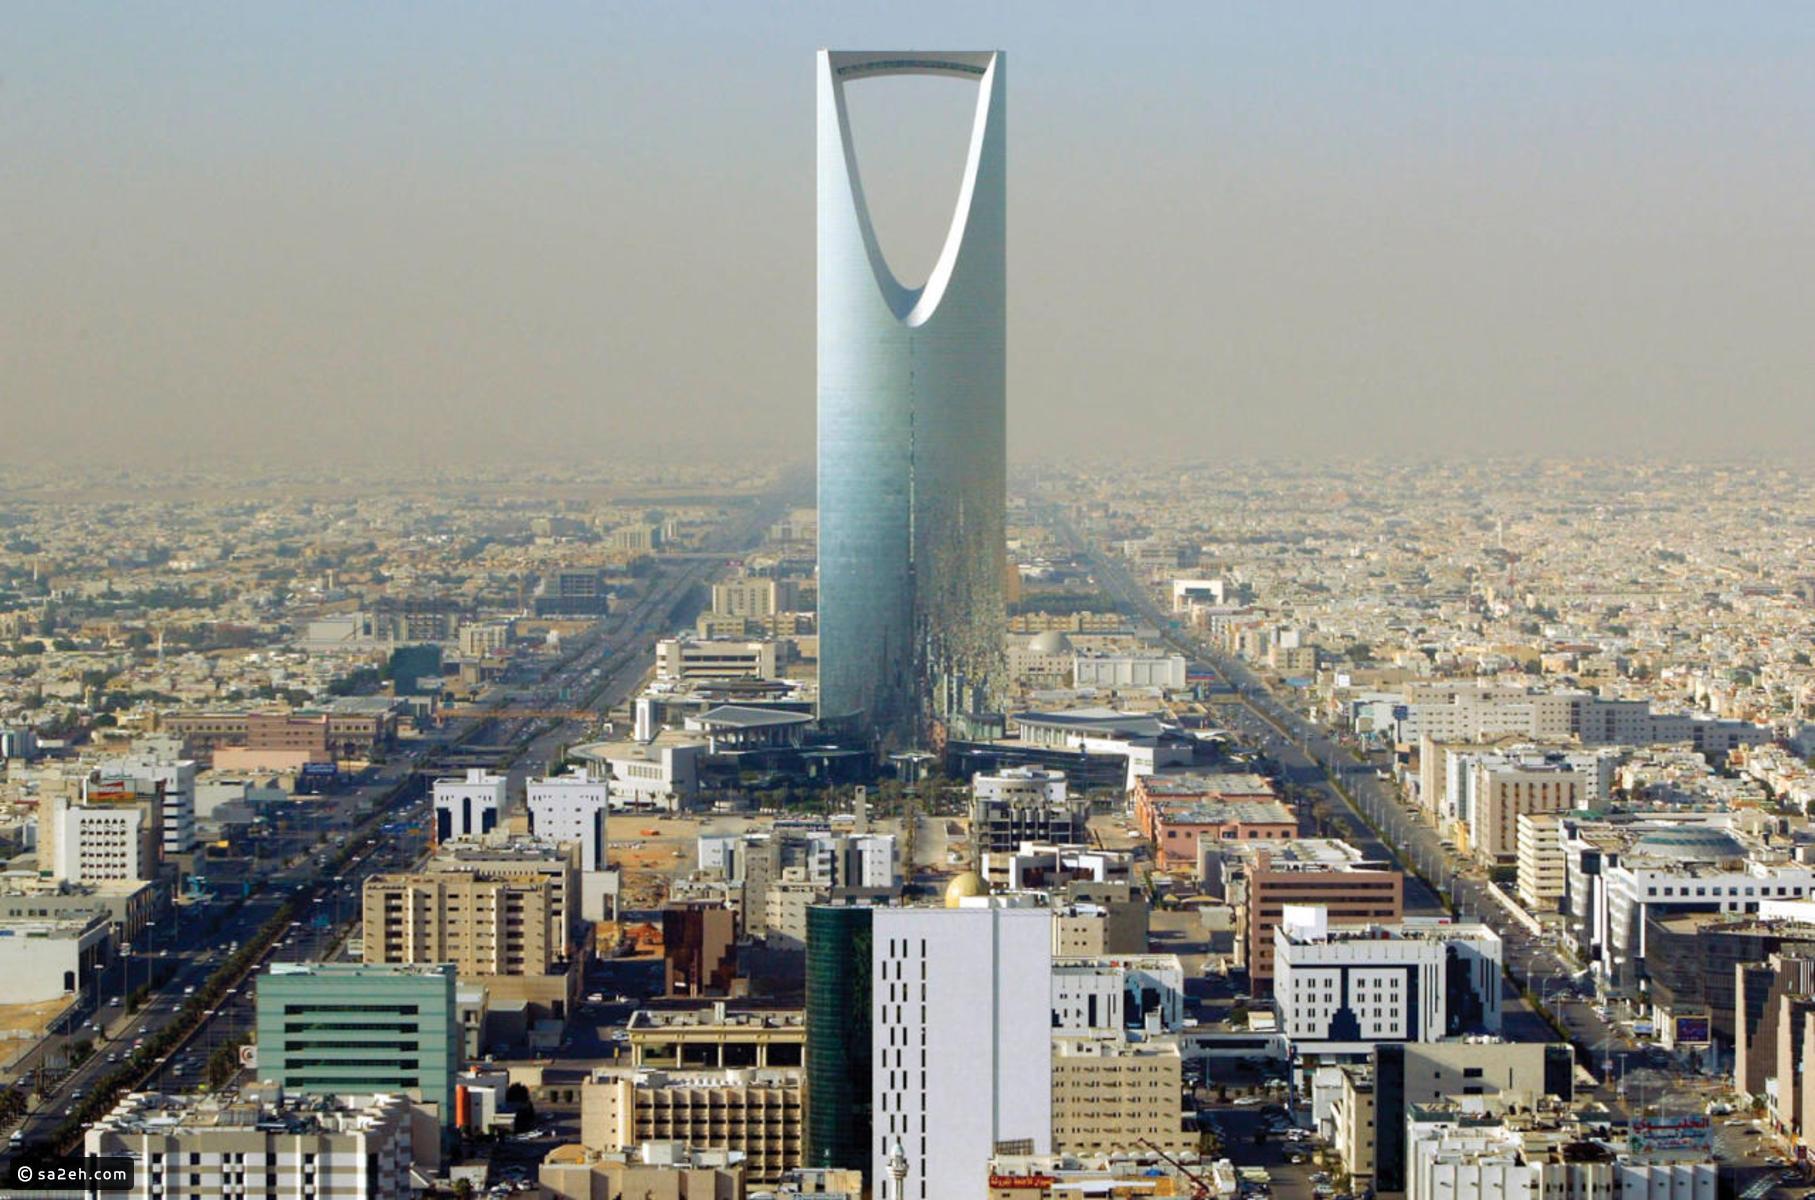 awww.alqiyady.com_site_images_sites_default_files_alqiyady_pro916072fb4f5c34174890bcfb6b43bf69.